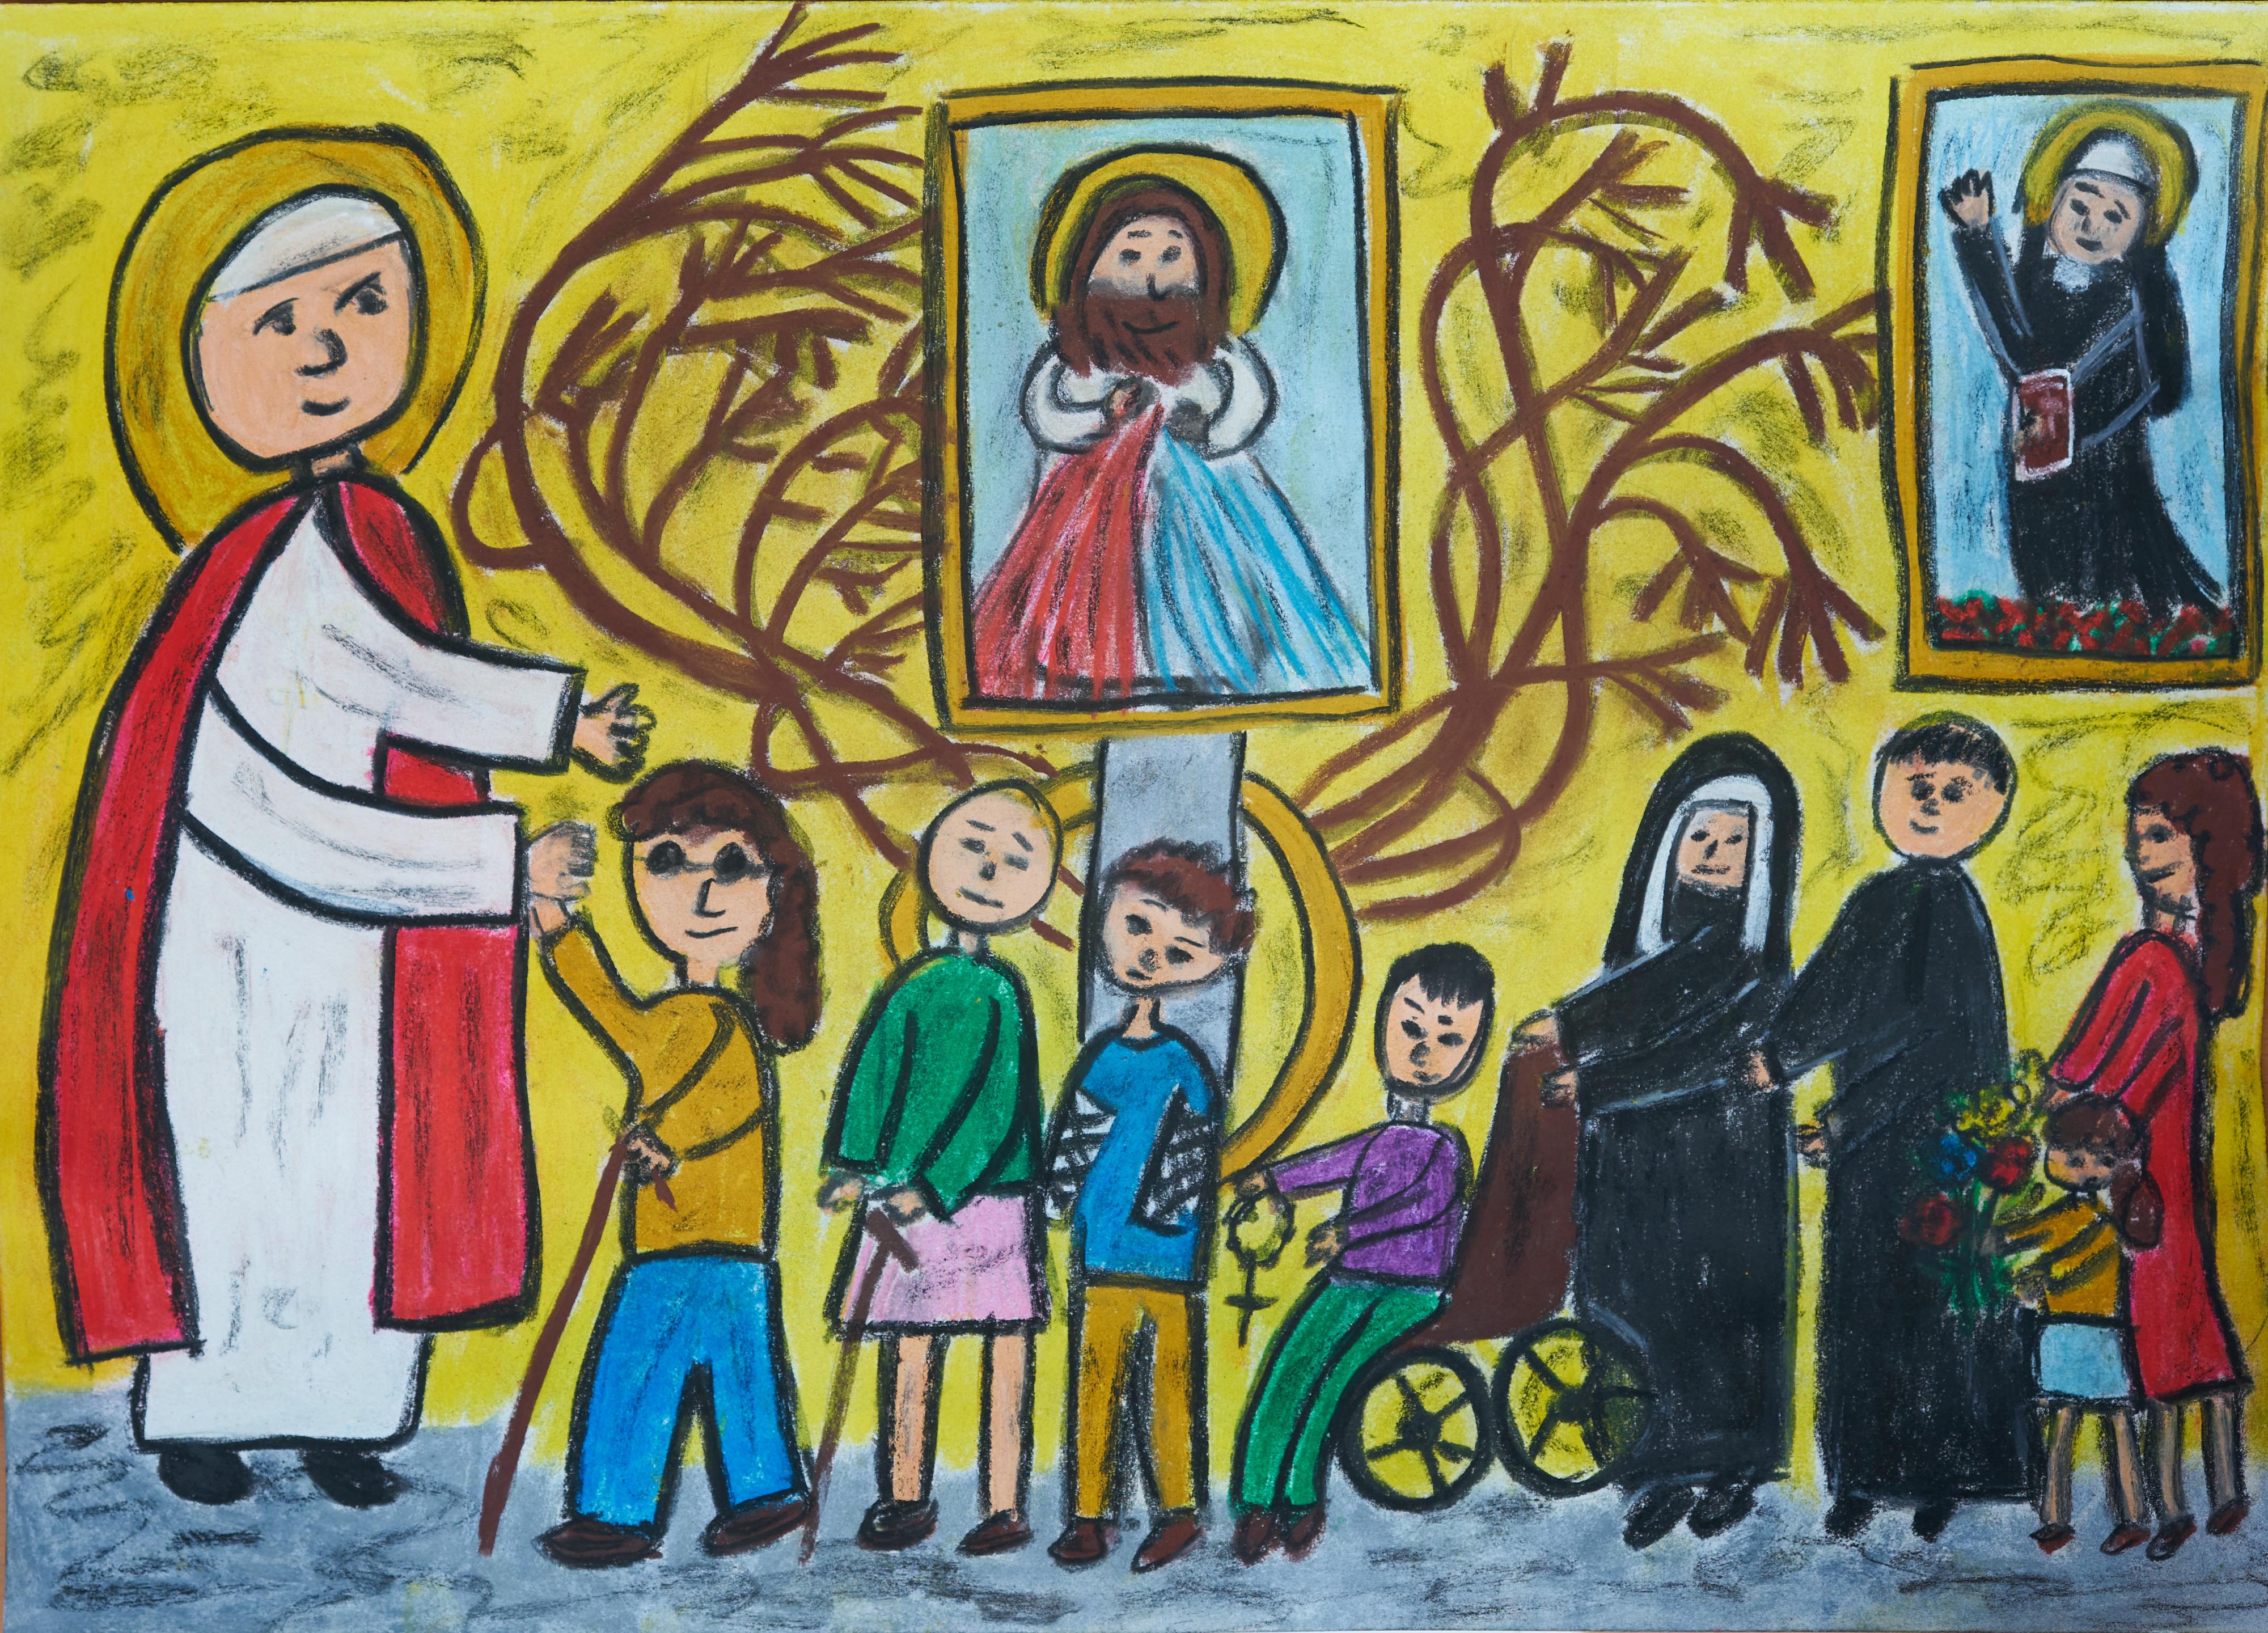 Konkurs PlastyczA: Św.  Jan Paweł II - Przyjacielem naszej rodziny, 100 lecie urodzin Św. Jana Pawła II. Wspólnota Modlitewna Św. Jana Pawła II w Wiedniu